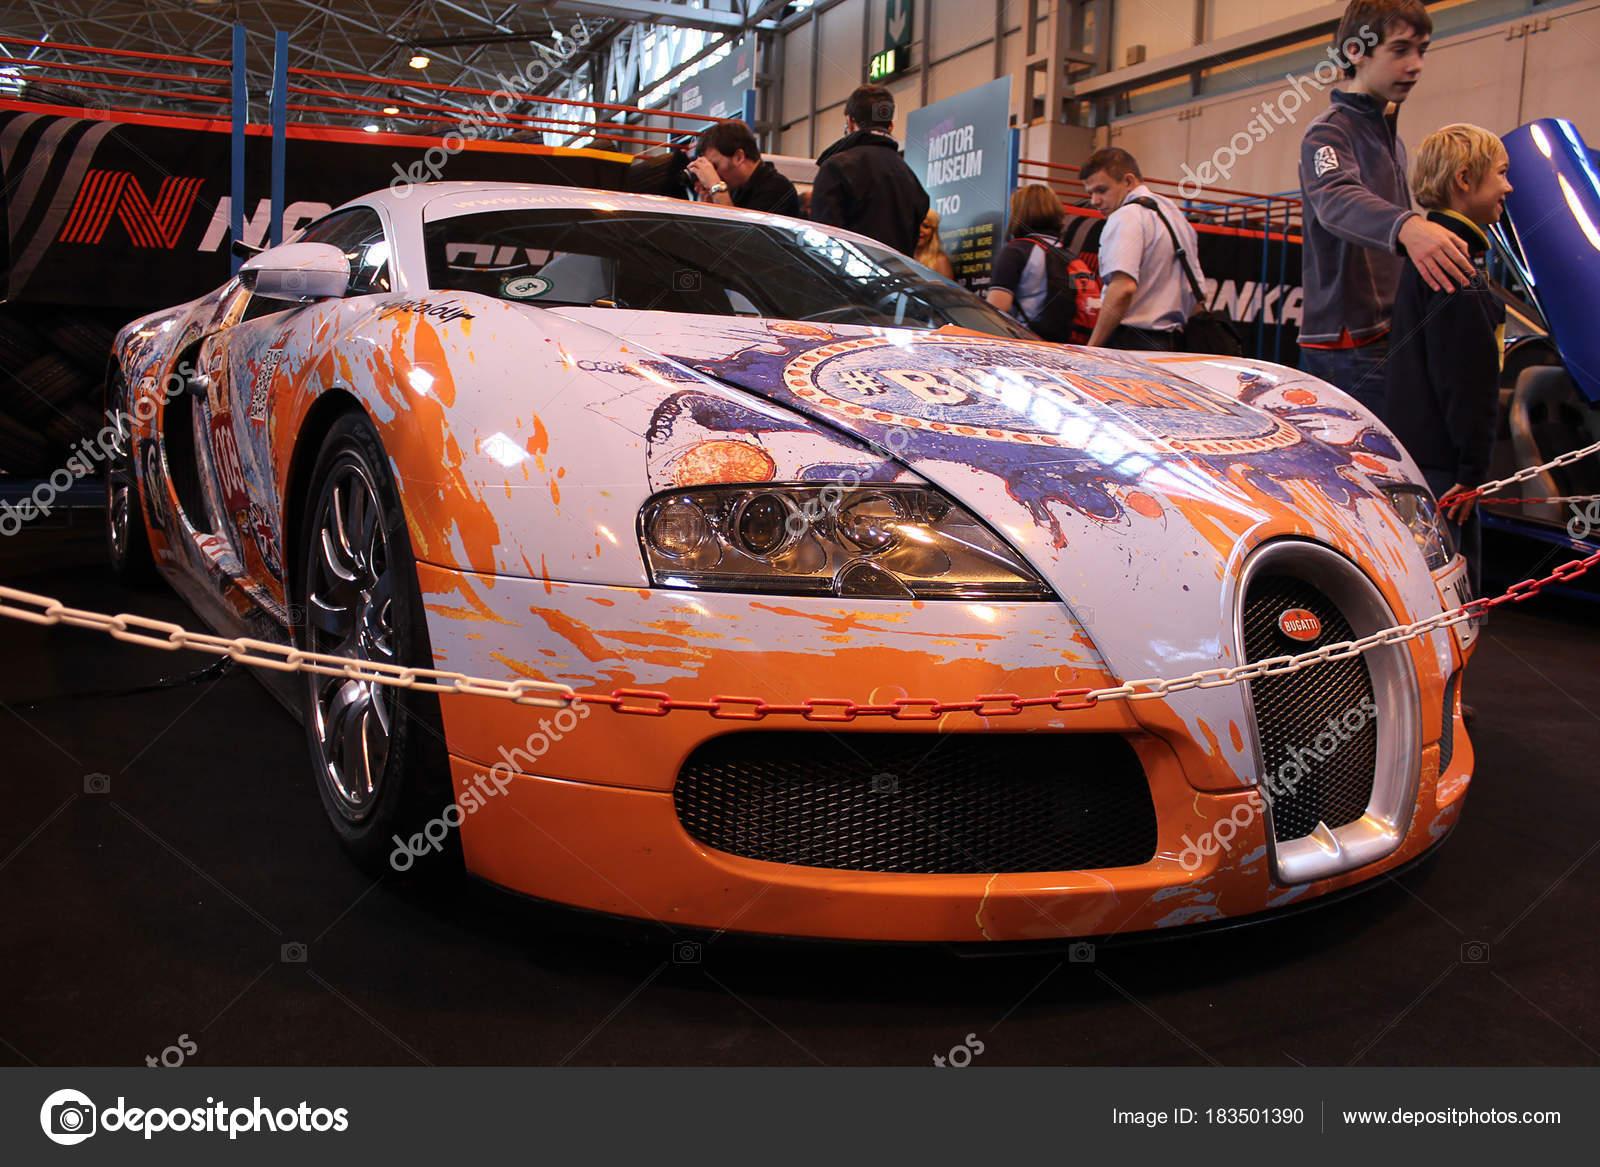 Birmingham Outubro 2012 Carro Bugatti Veyron Exposicao Carro Top